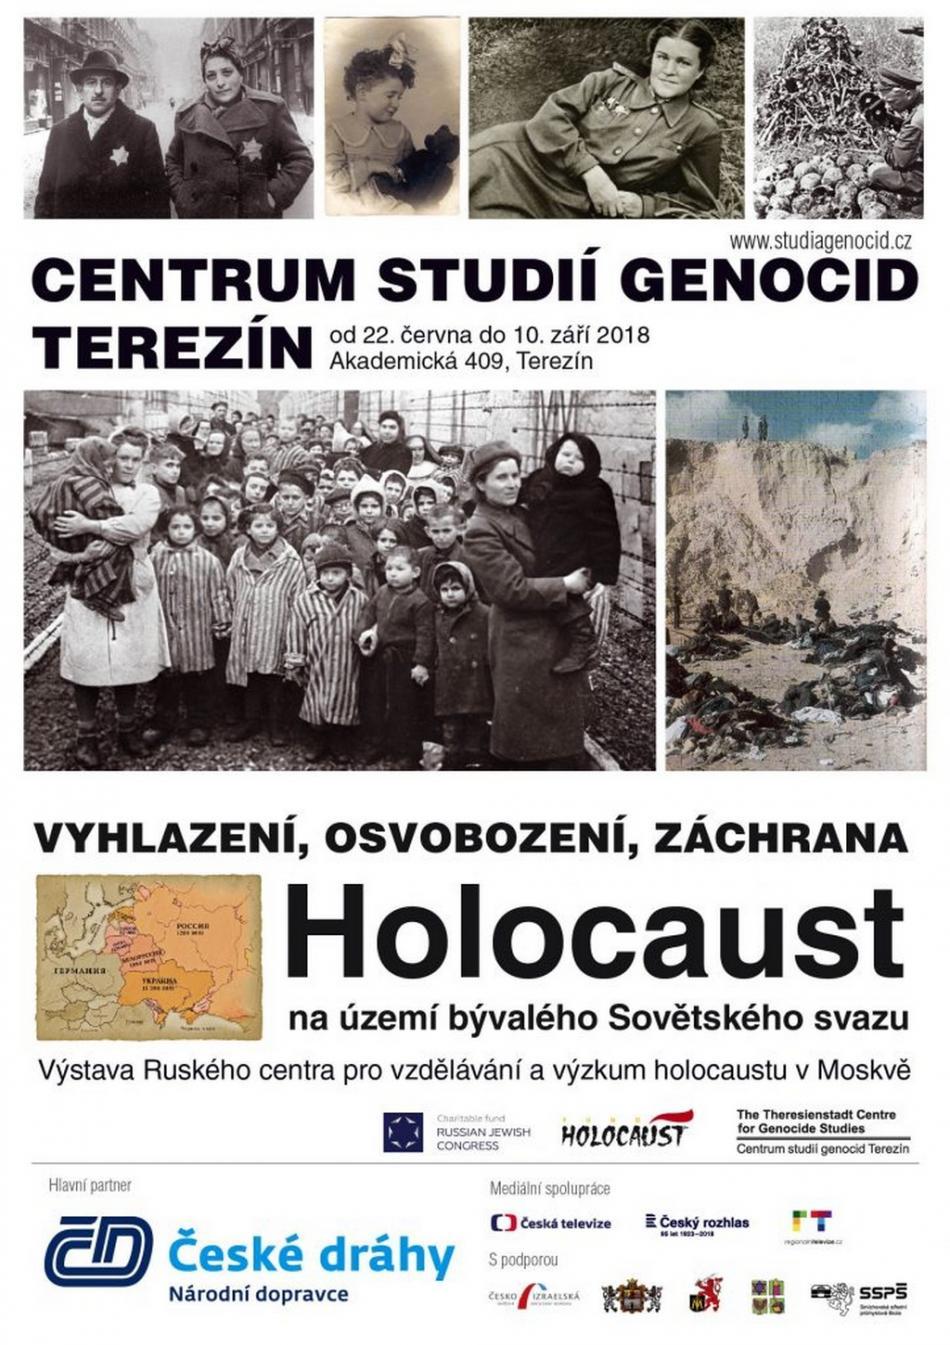 Plakát k výstavě Holocaust: vyhlazení, osvobození, záchrana